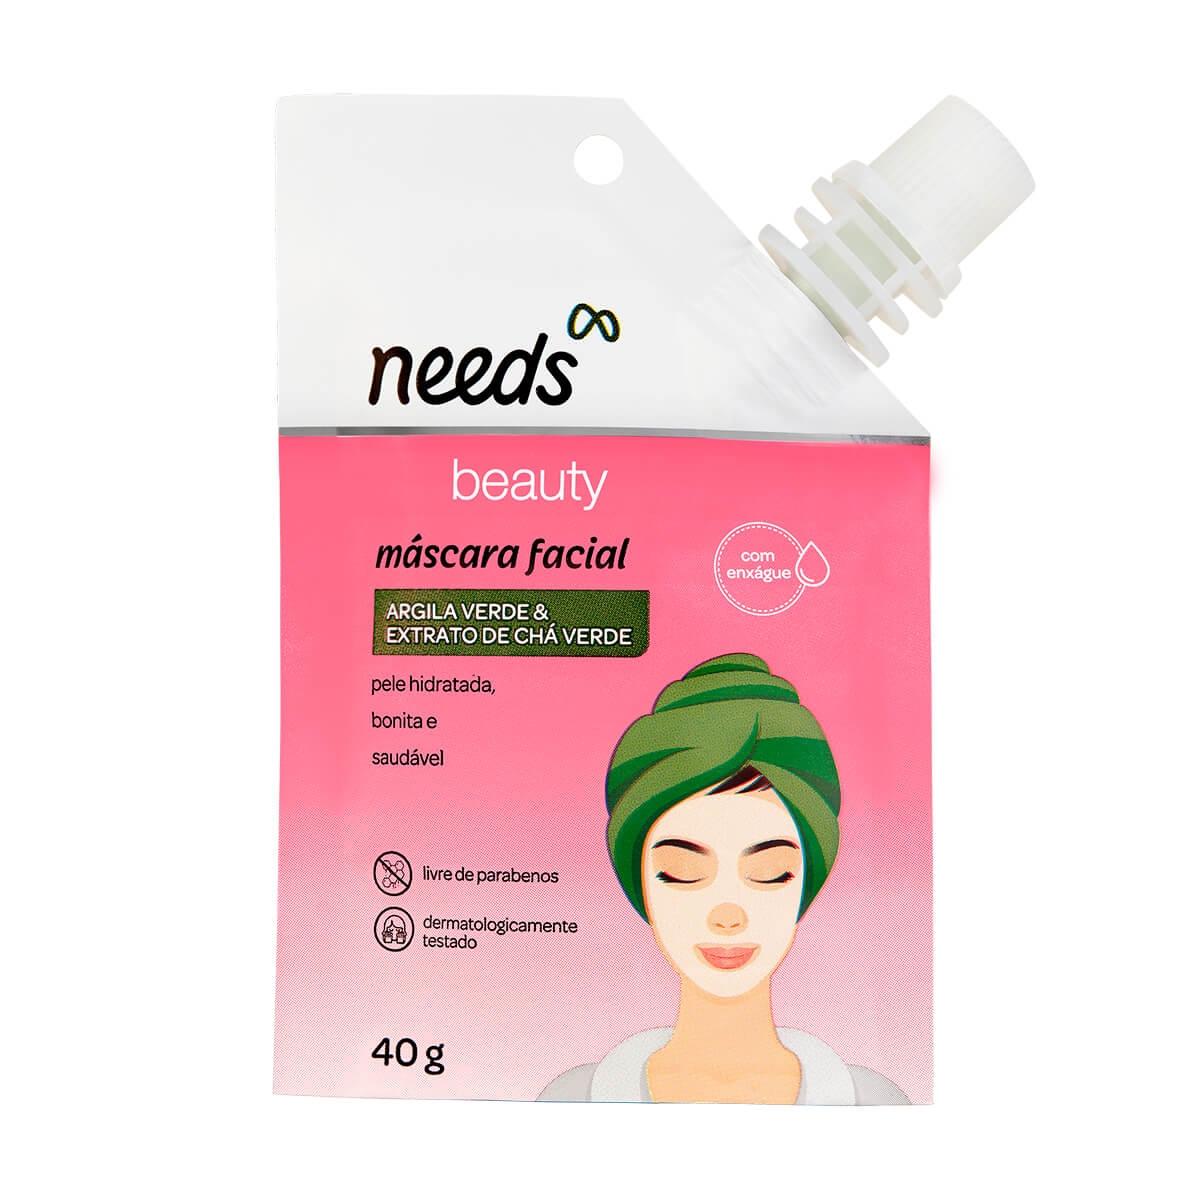 Máscara Facial Needs Beauty Argila Verde e Extrato de Chá Verde 40g